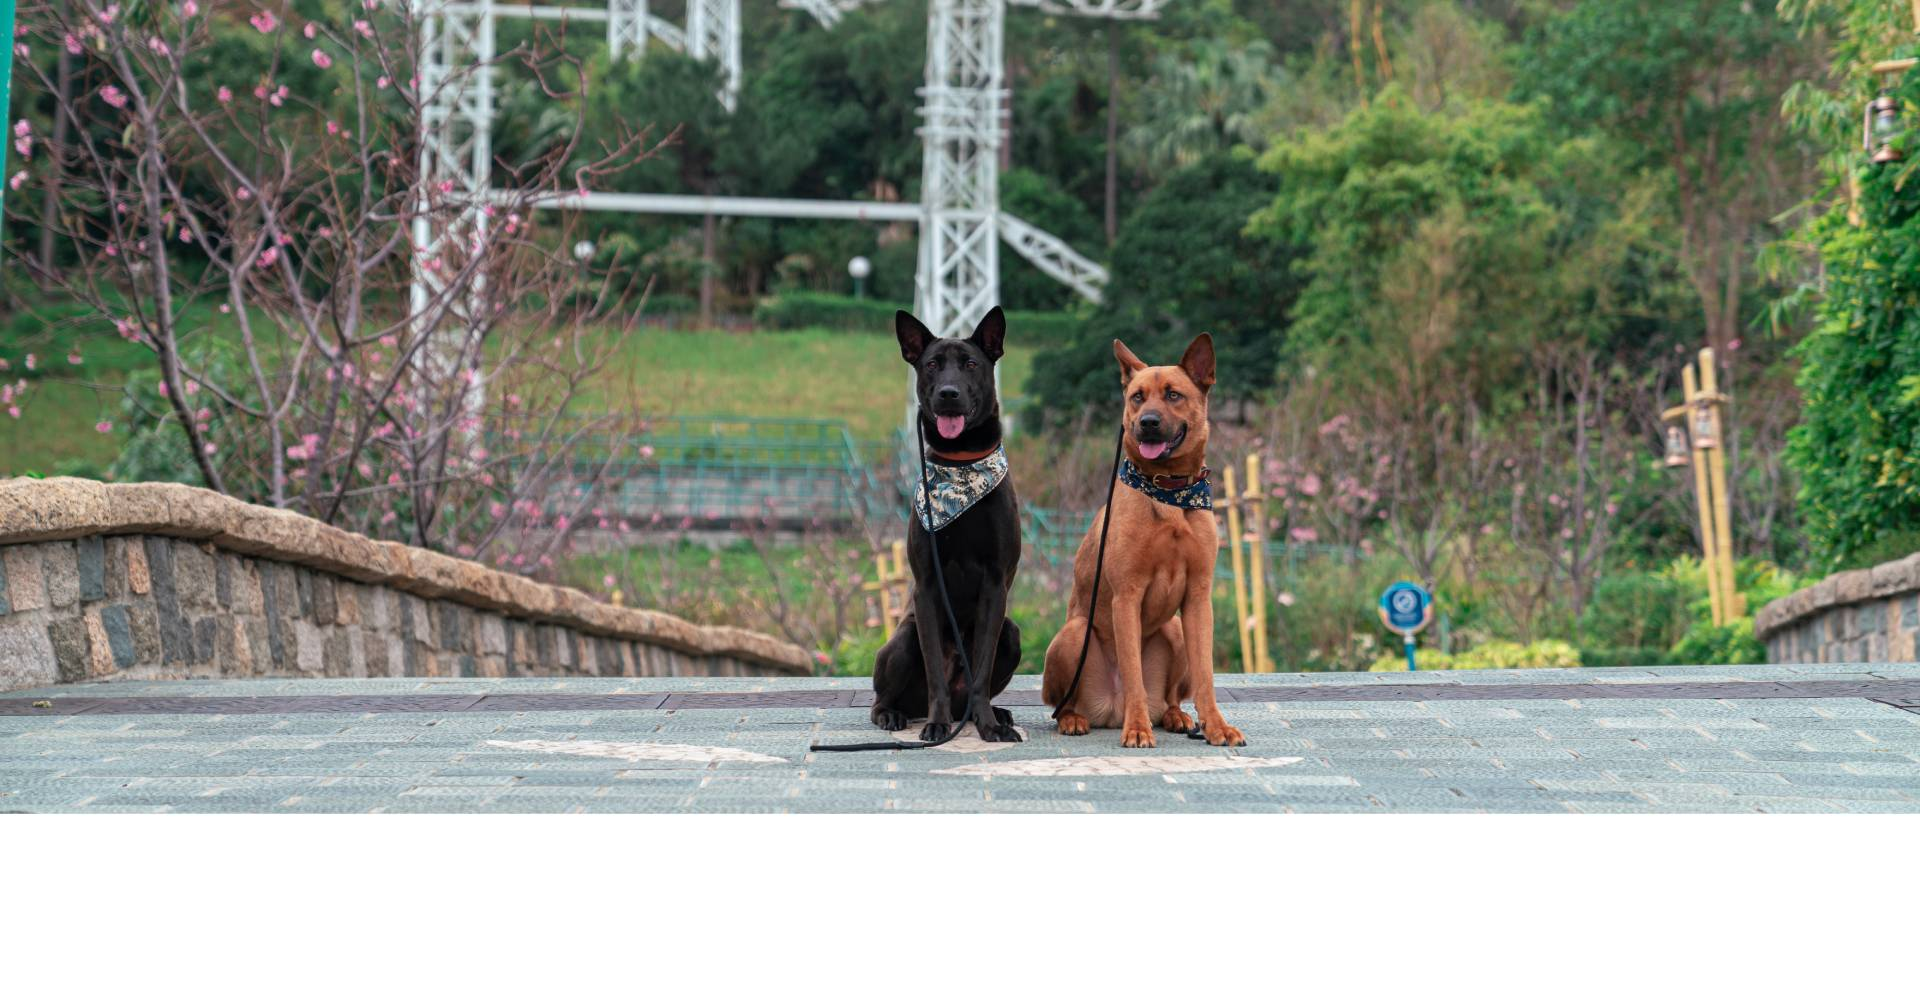 https://media.oceanpark.com.hk/files/s3fs-public/doggies-groovy-weekend_banner2.jpg